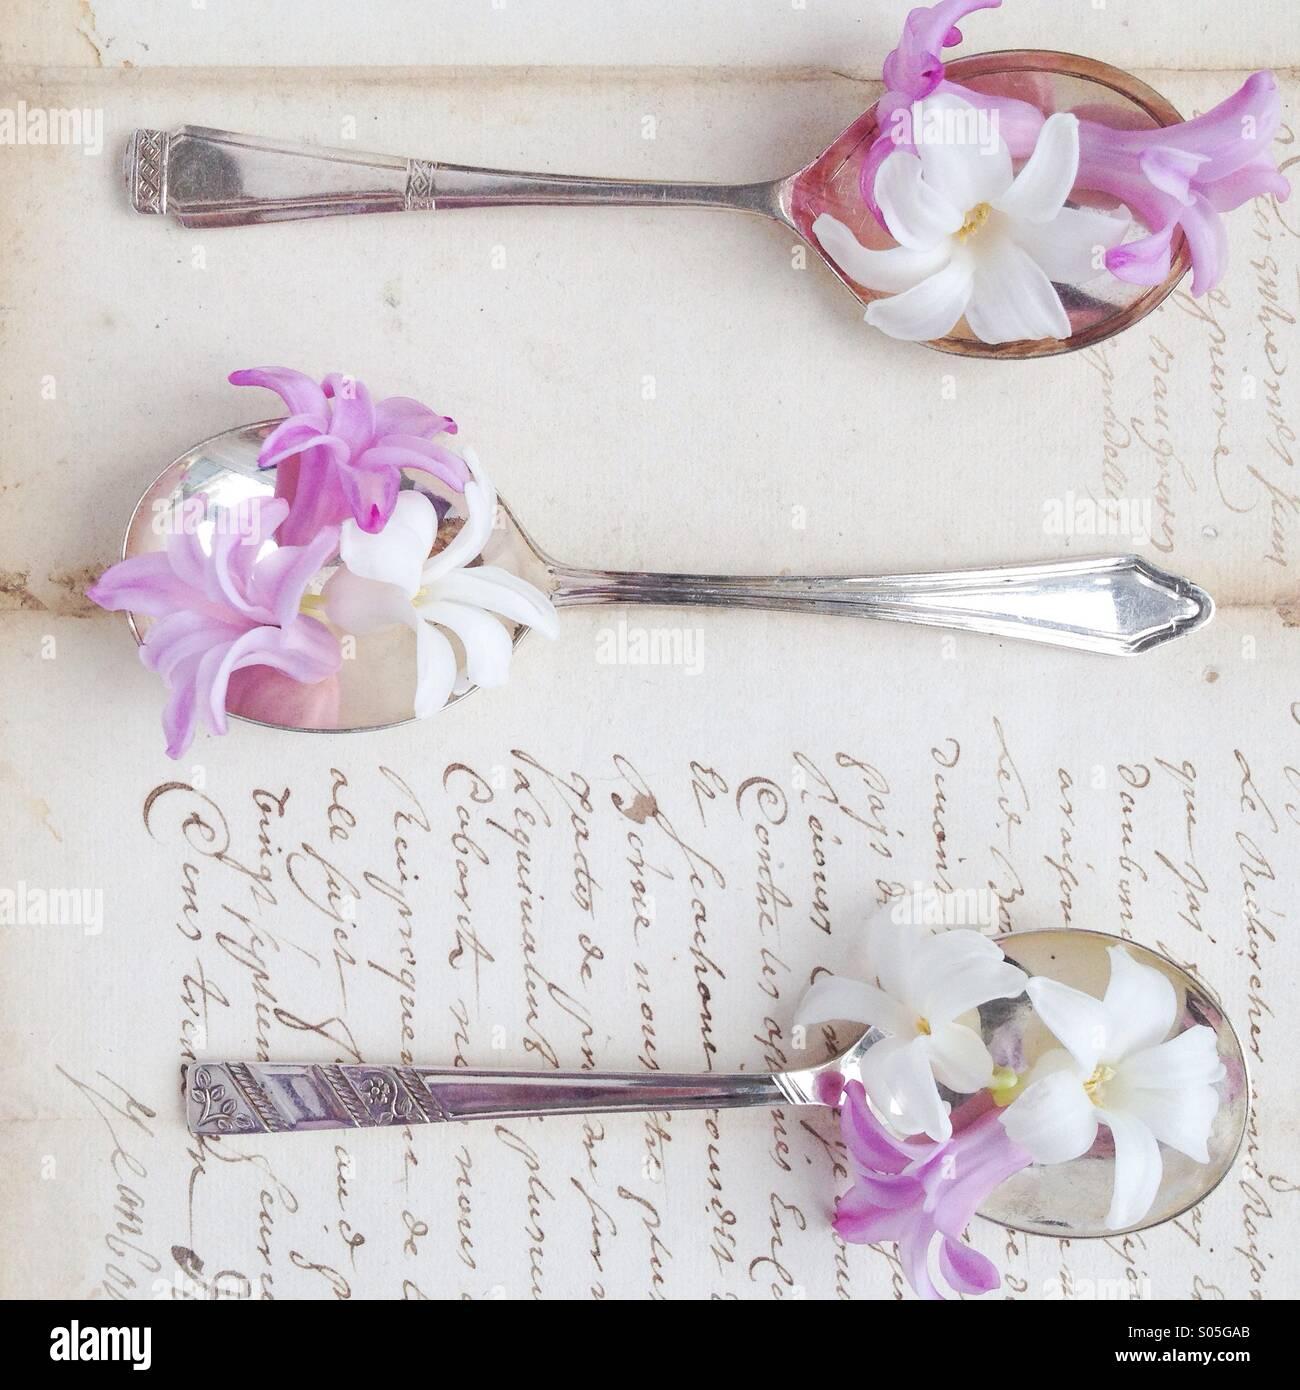 Jacintos en vintage vintage Silver Spoon y carta Imagen De Stock